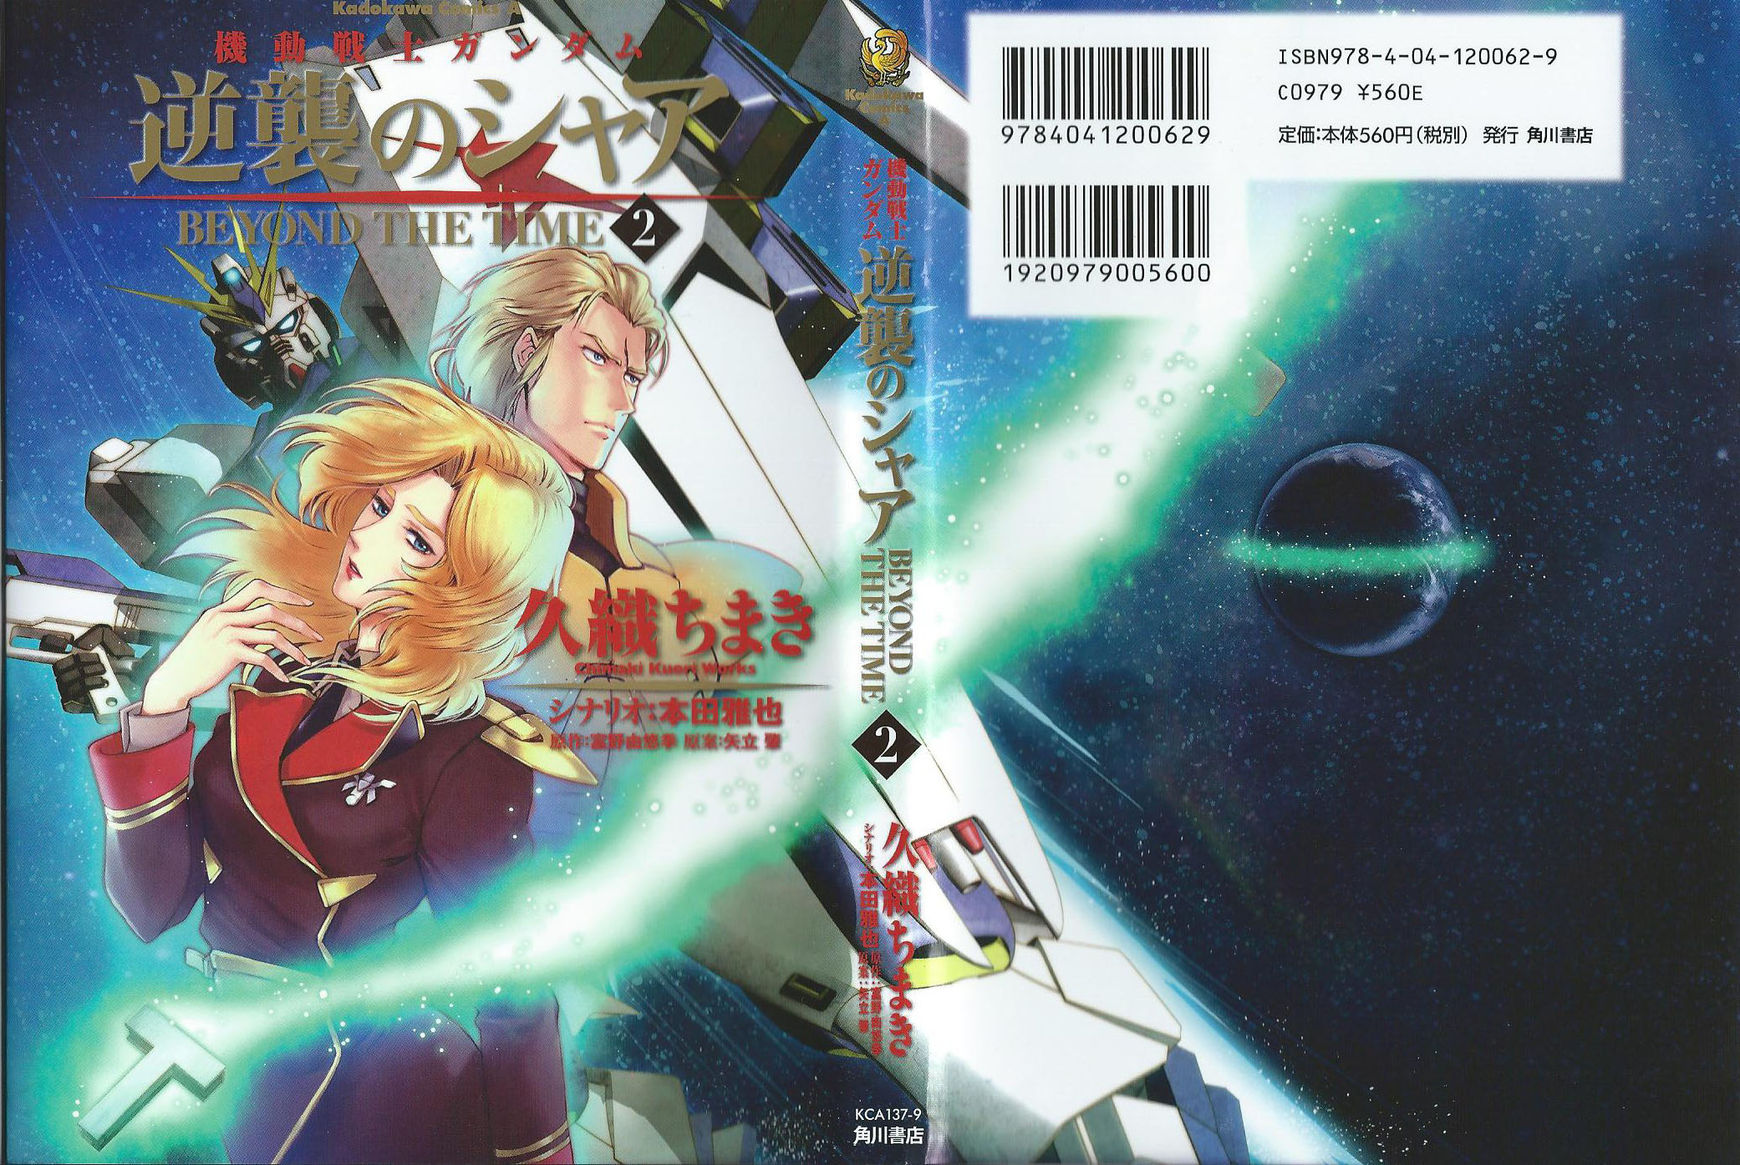 Kidou Senshi Gundam - Gyakushuu no Char - Beyond the Time 7 Page 1